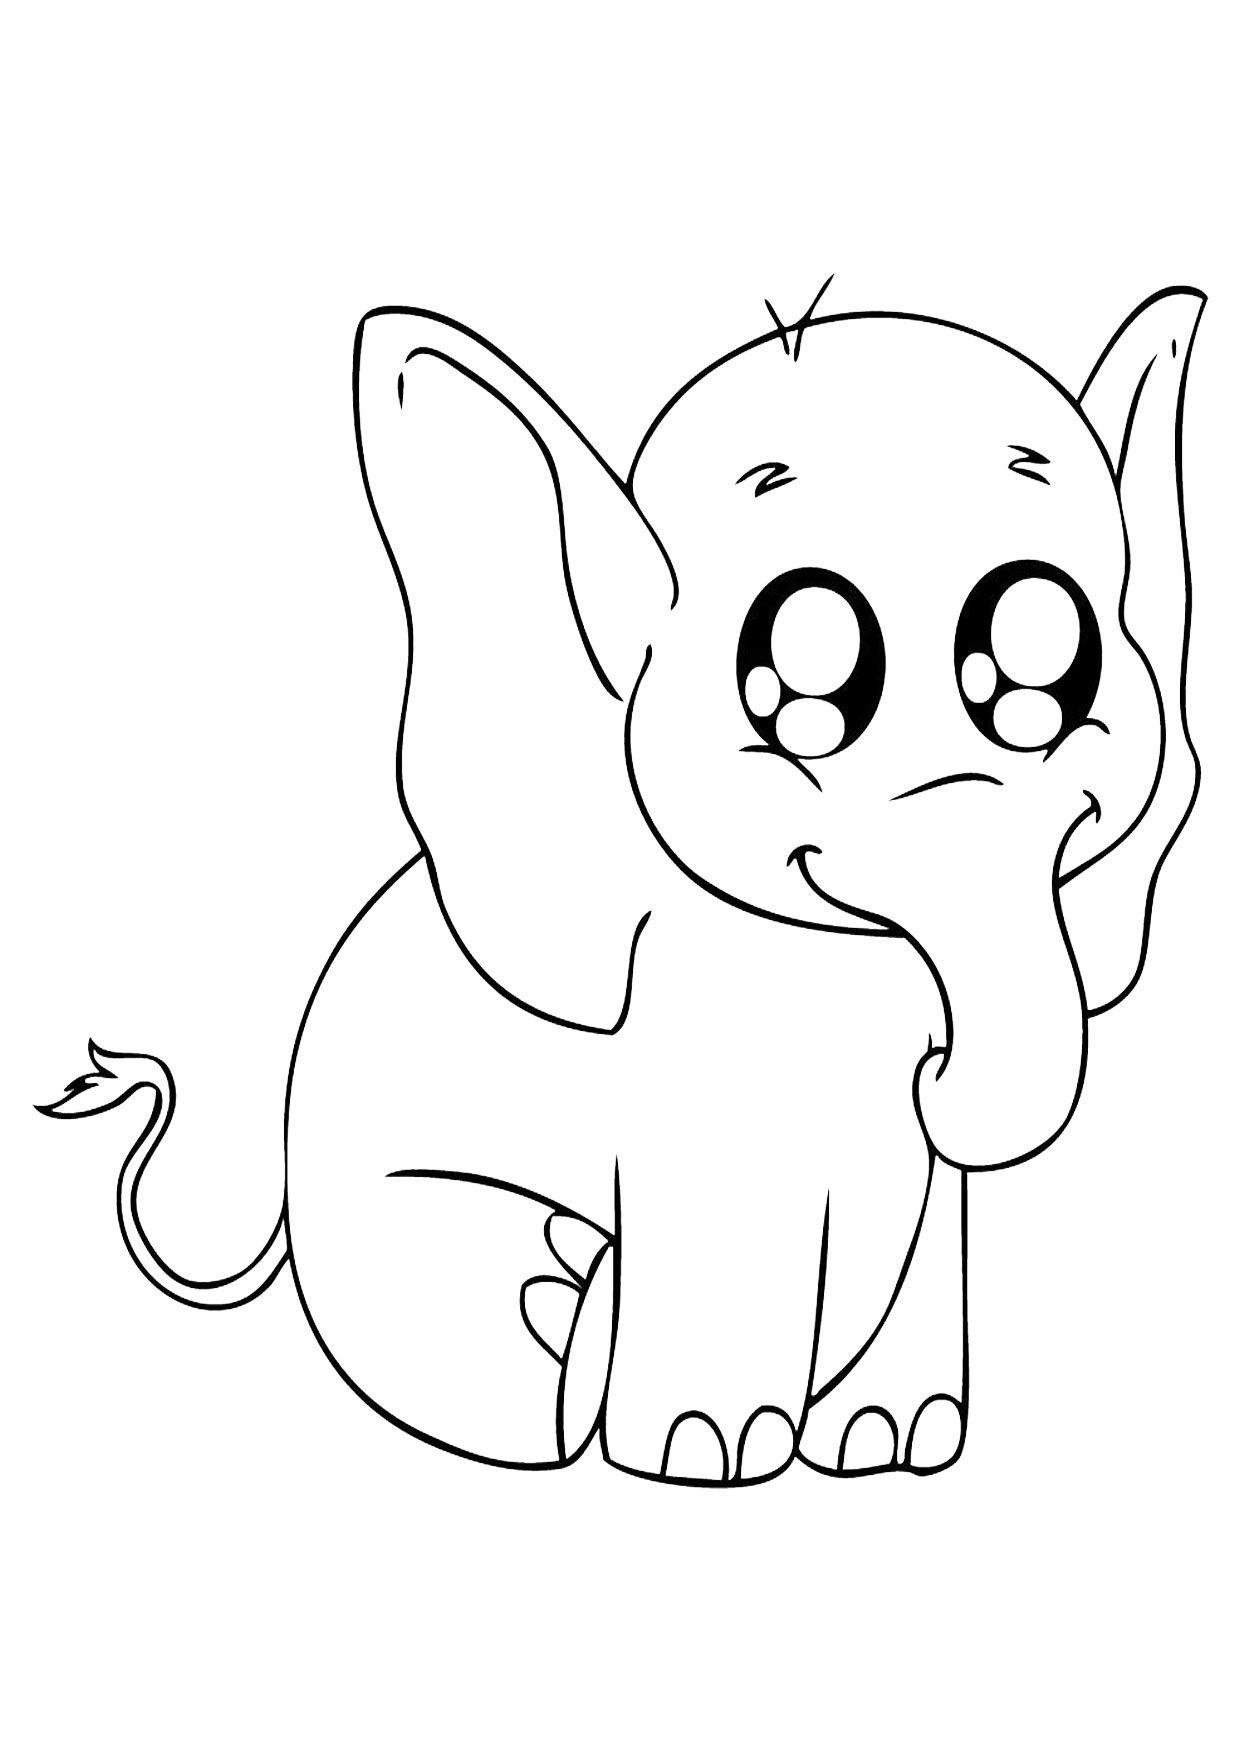 45 Disegni Di Elefanti Da Colorare Disegno Di Elefante Disegni Elefante Disegni